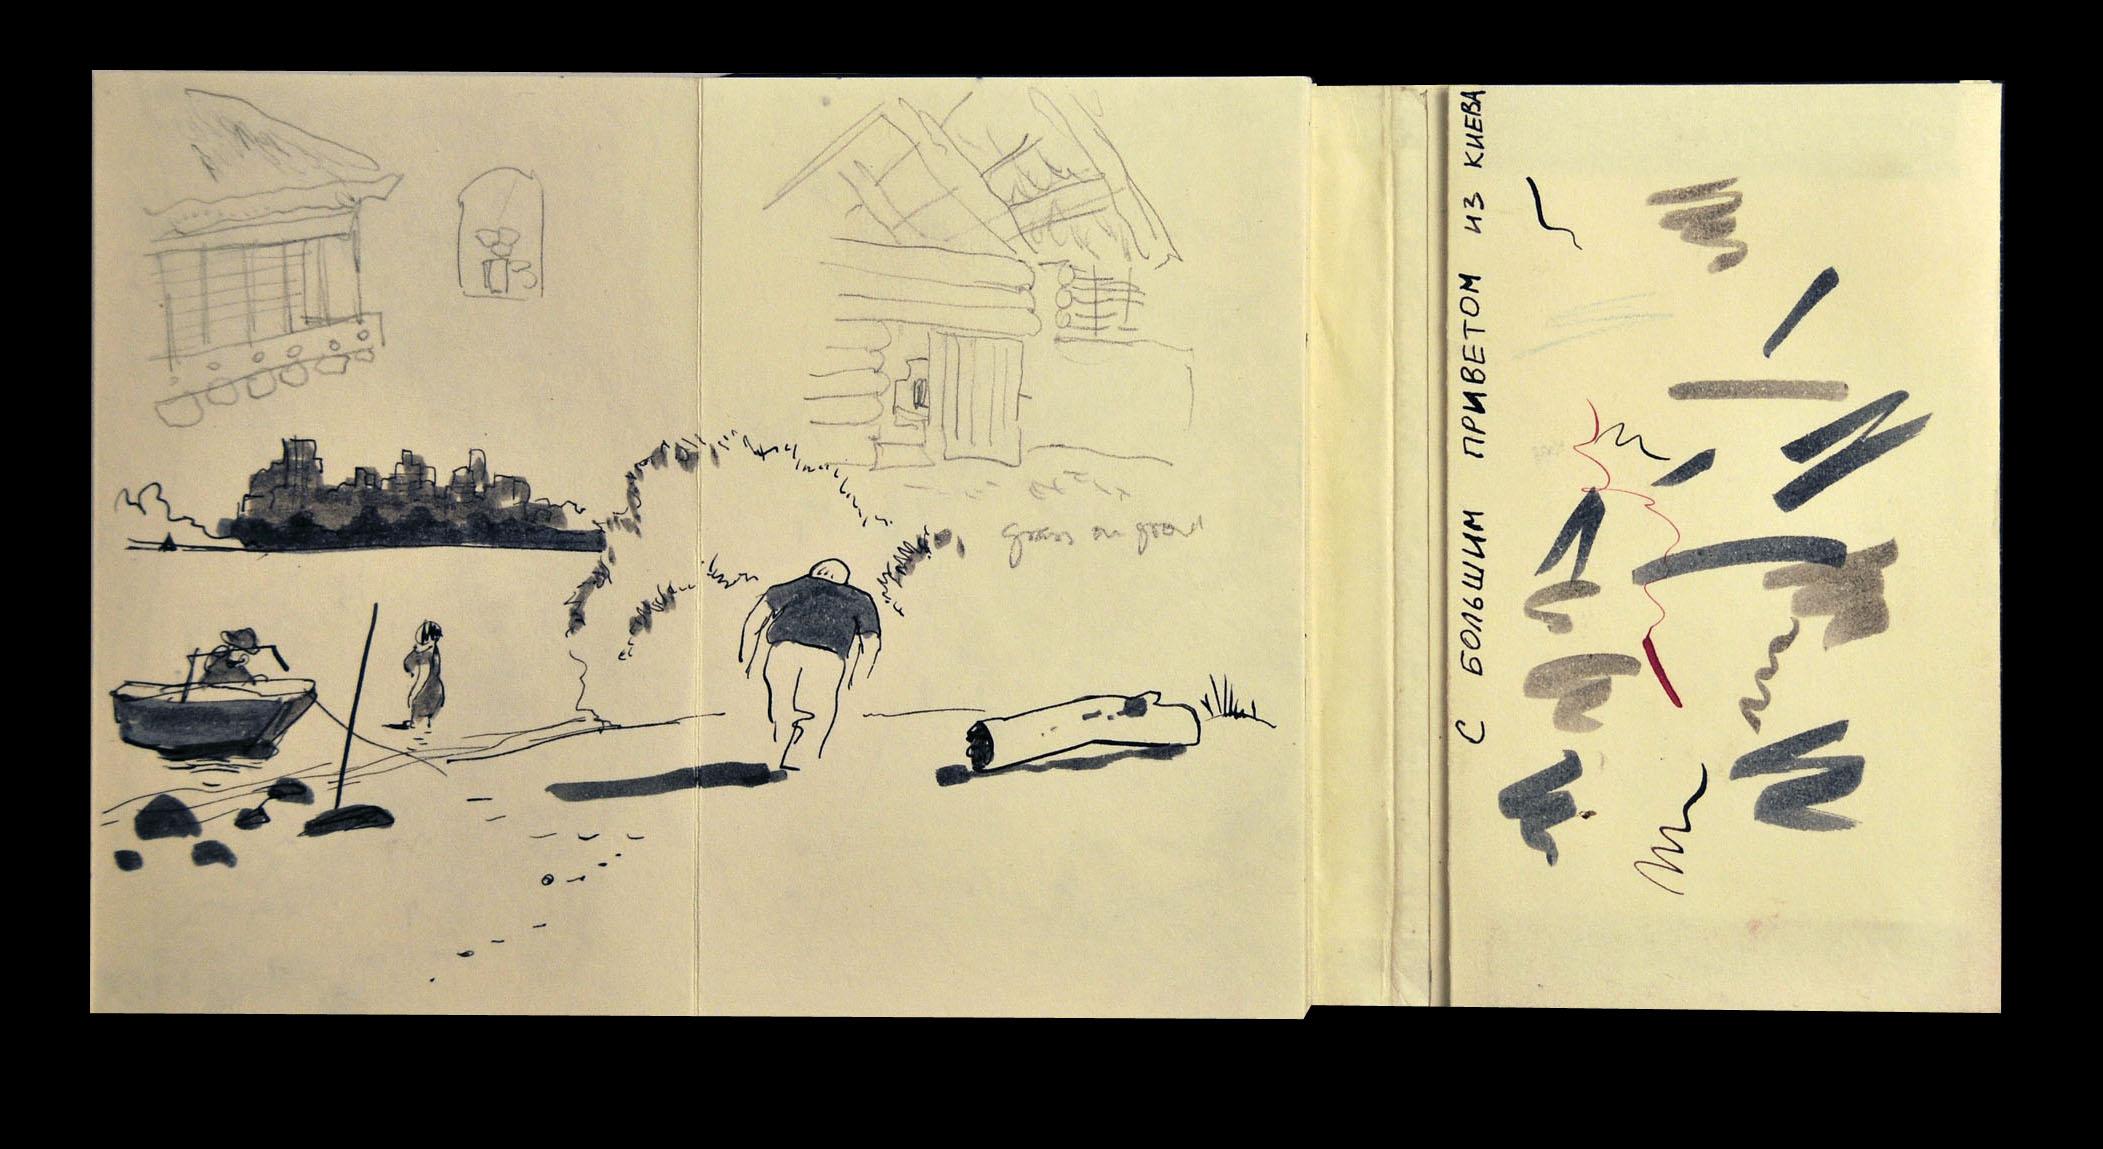 ulrich-schroeder_sketchbook_ukraine_4